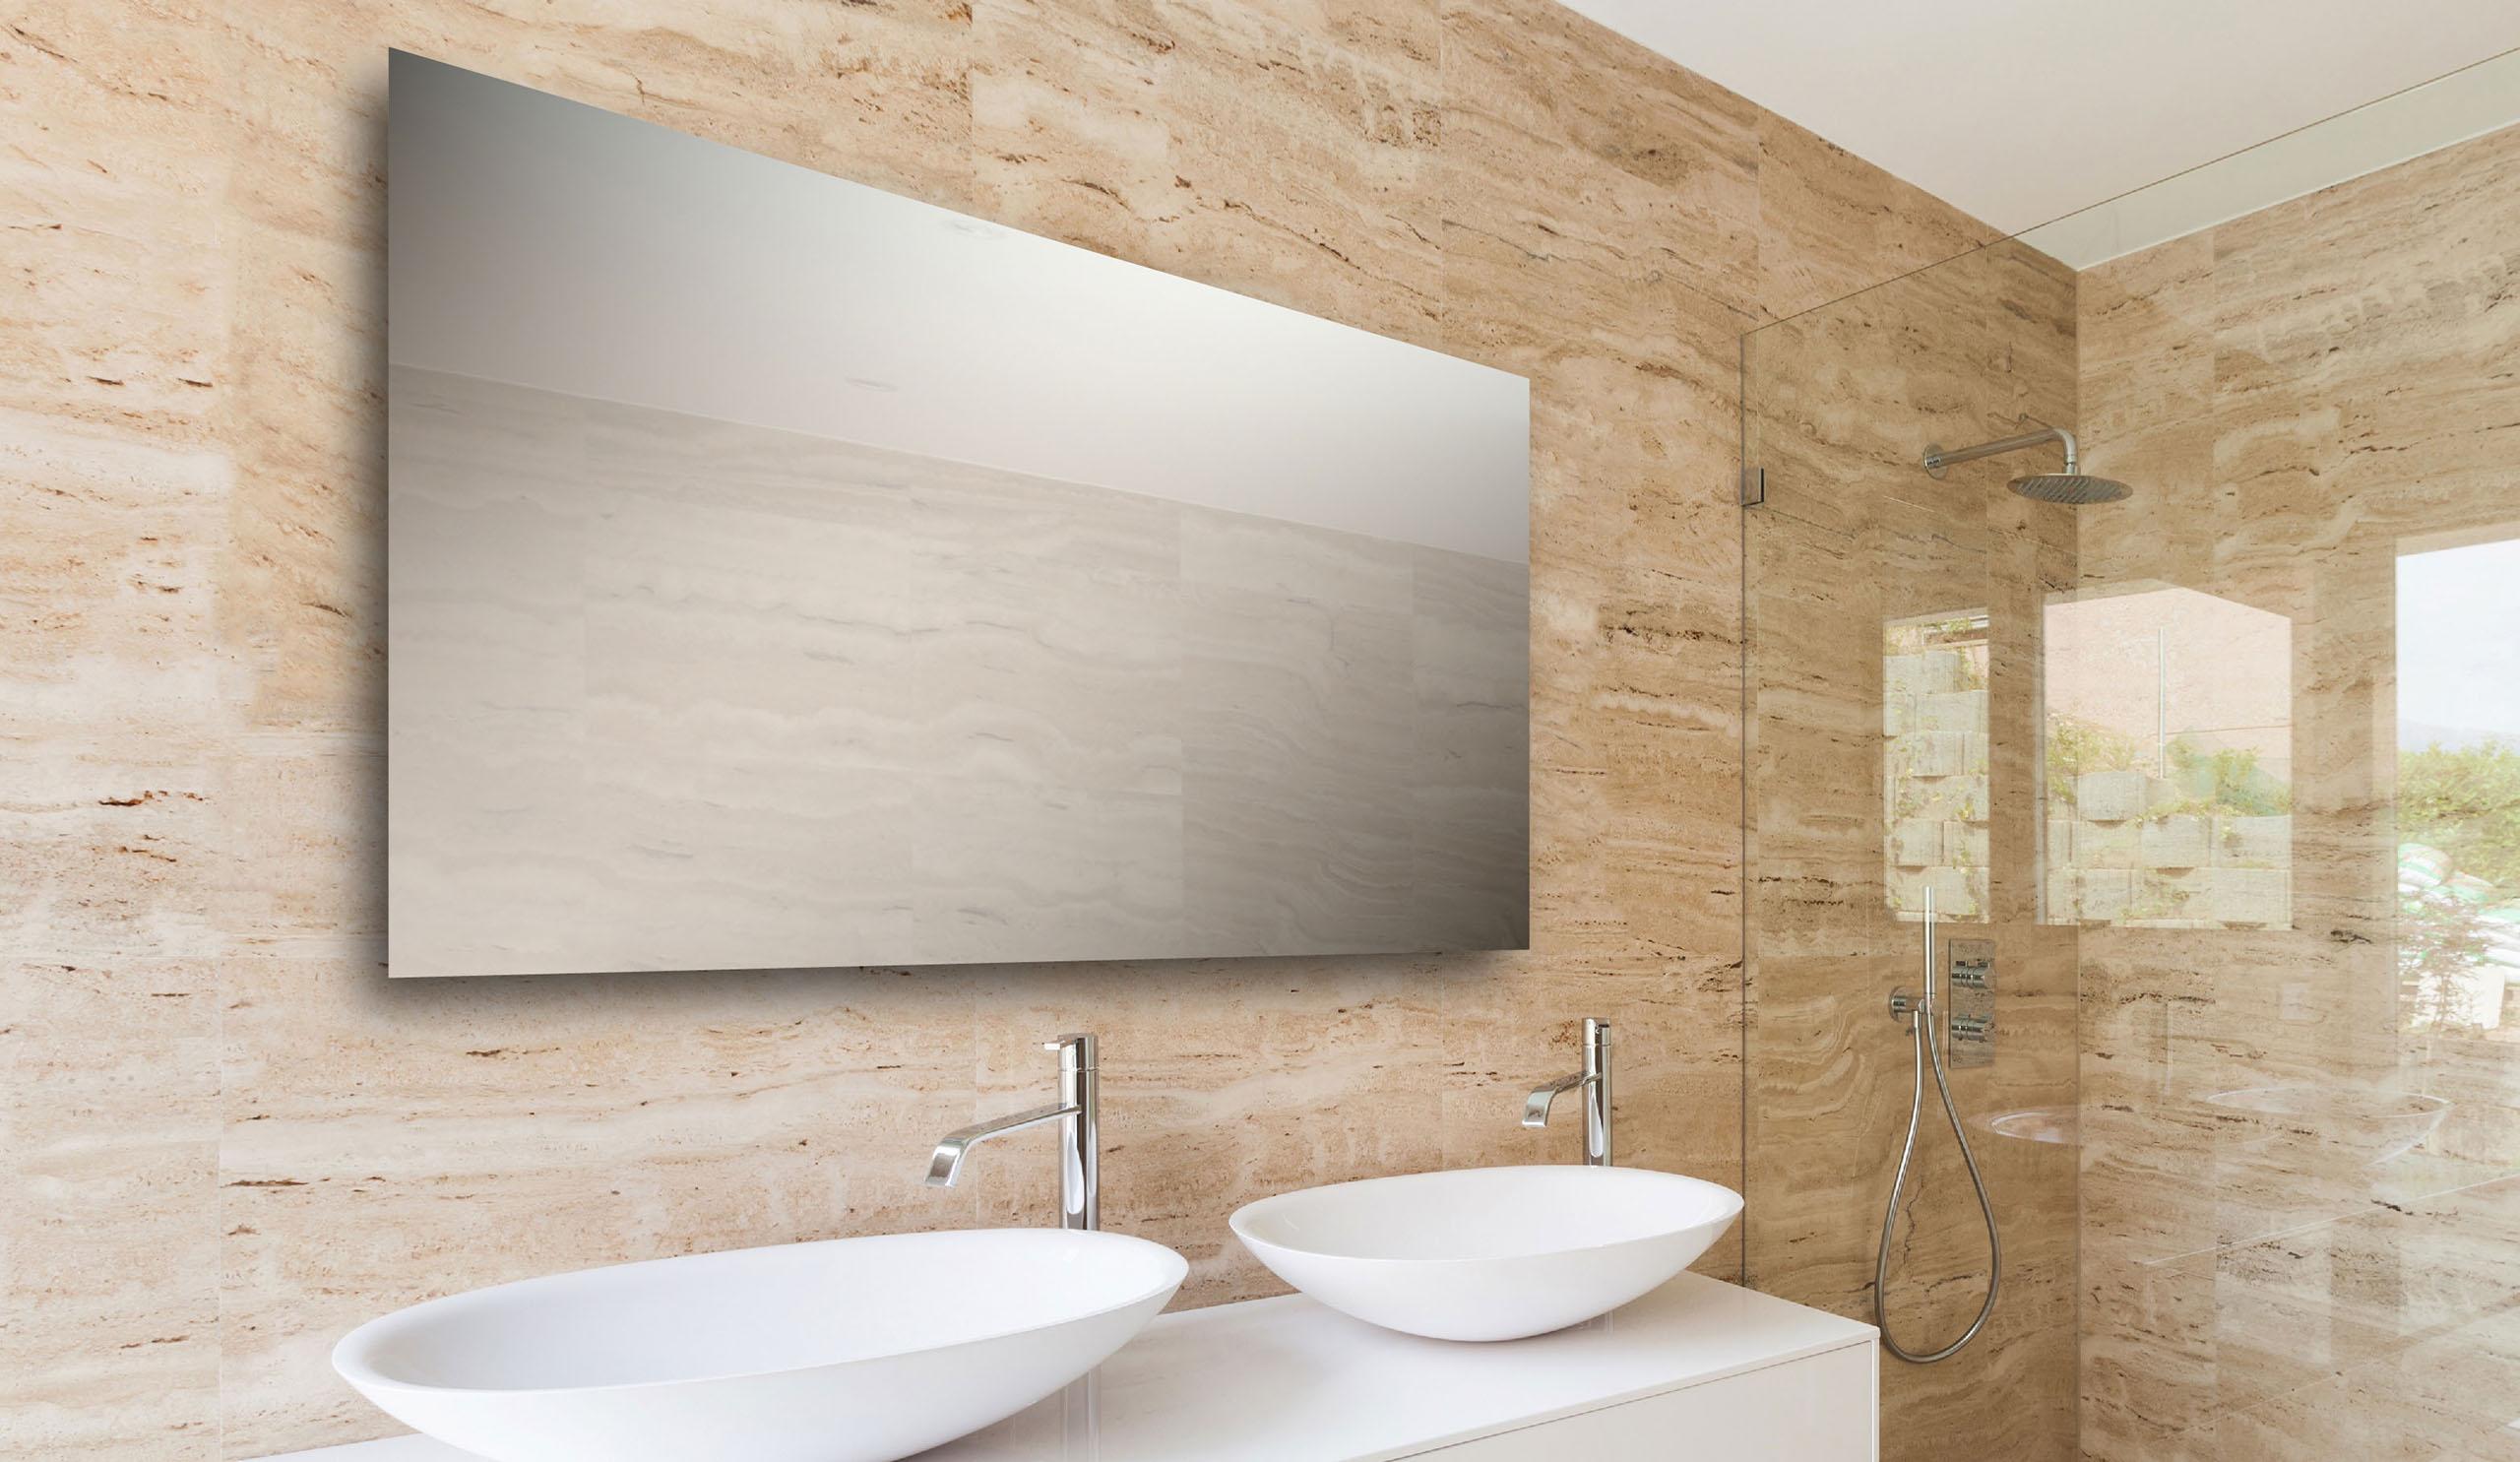 Spiegelkast Badkamer Hoog : Badkamer spiegelkast hoog badkamerspiegel voorlichtingsburo wonen